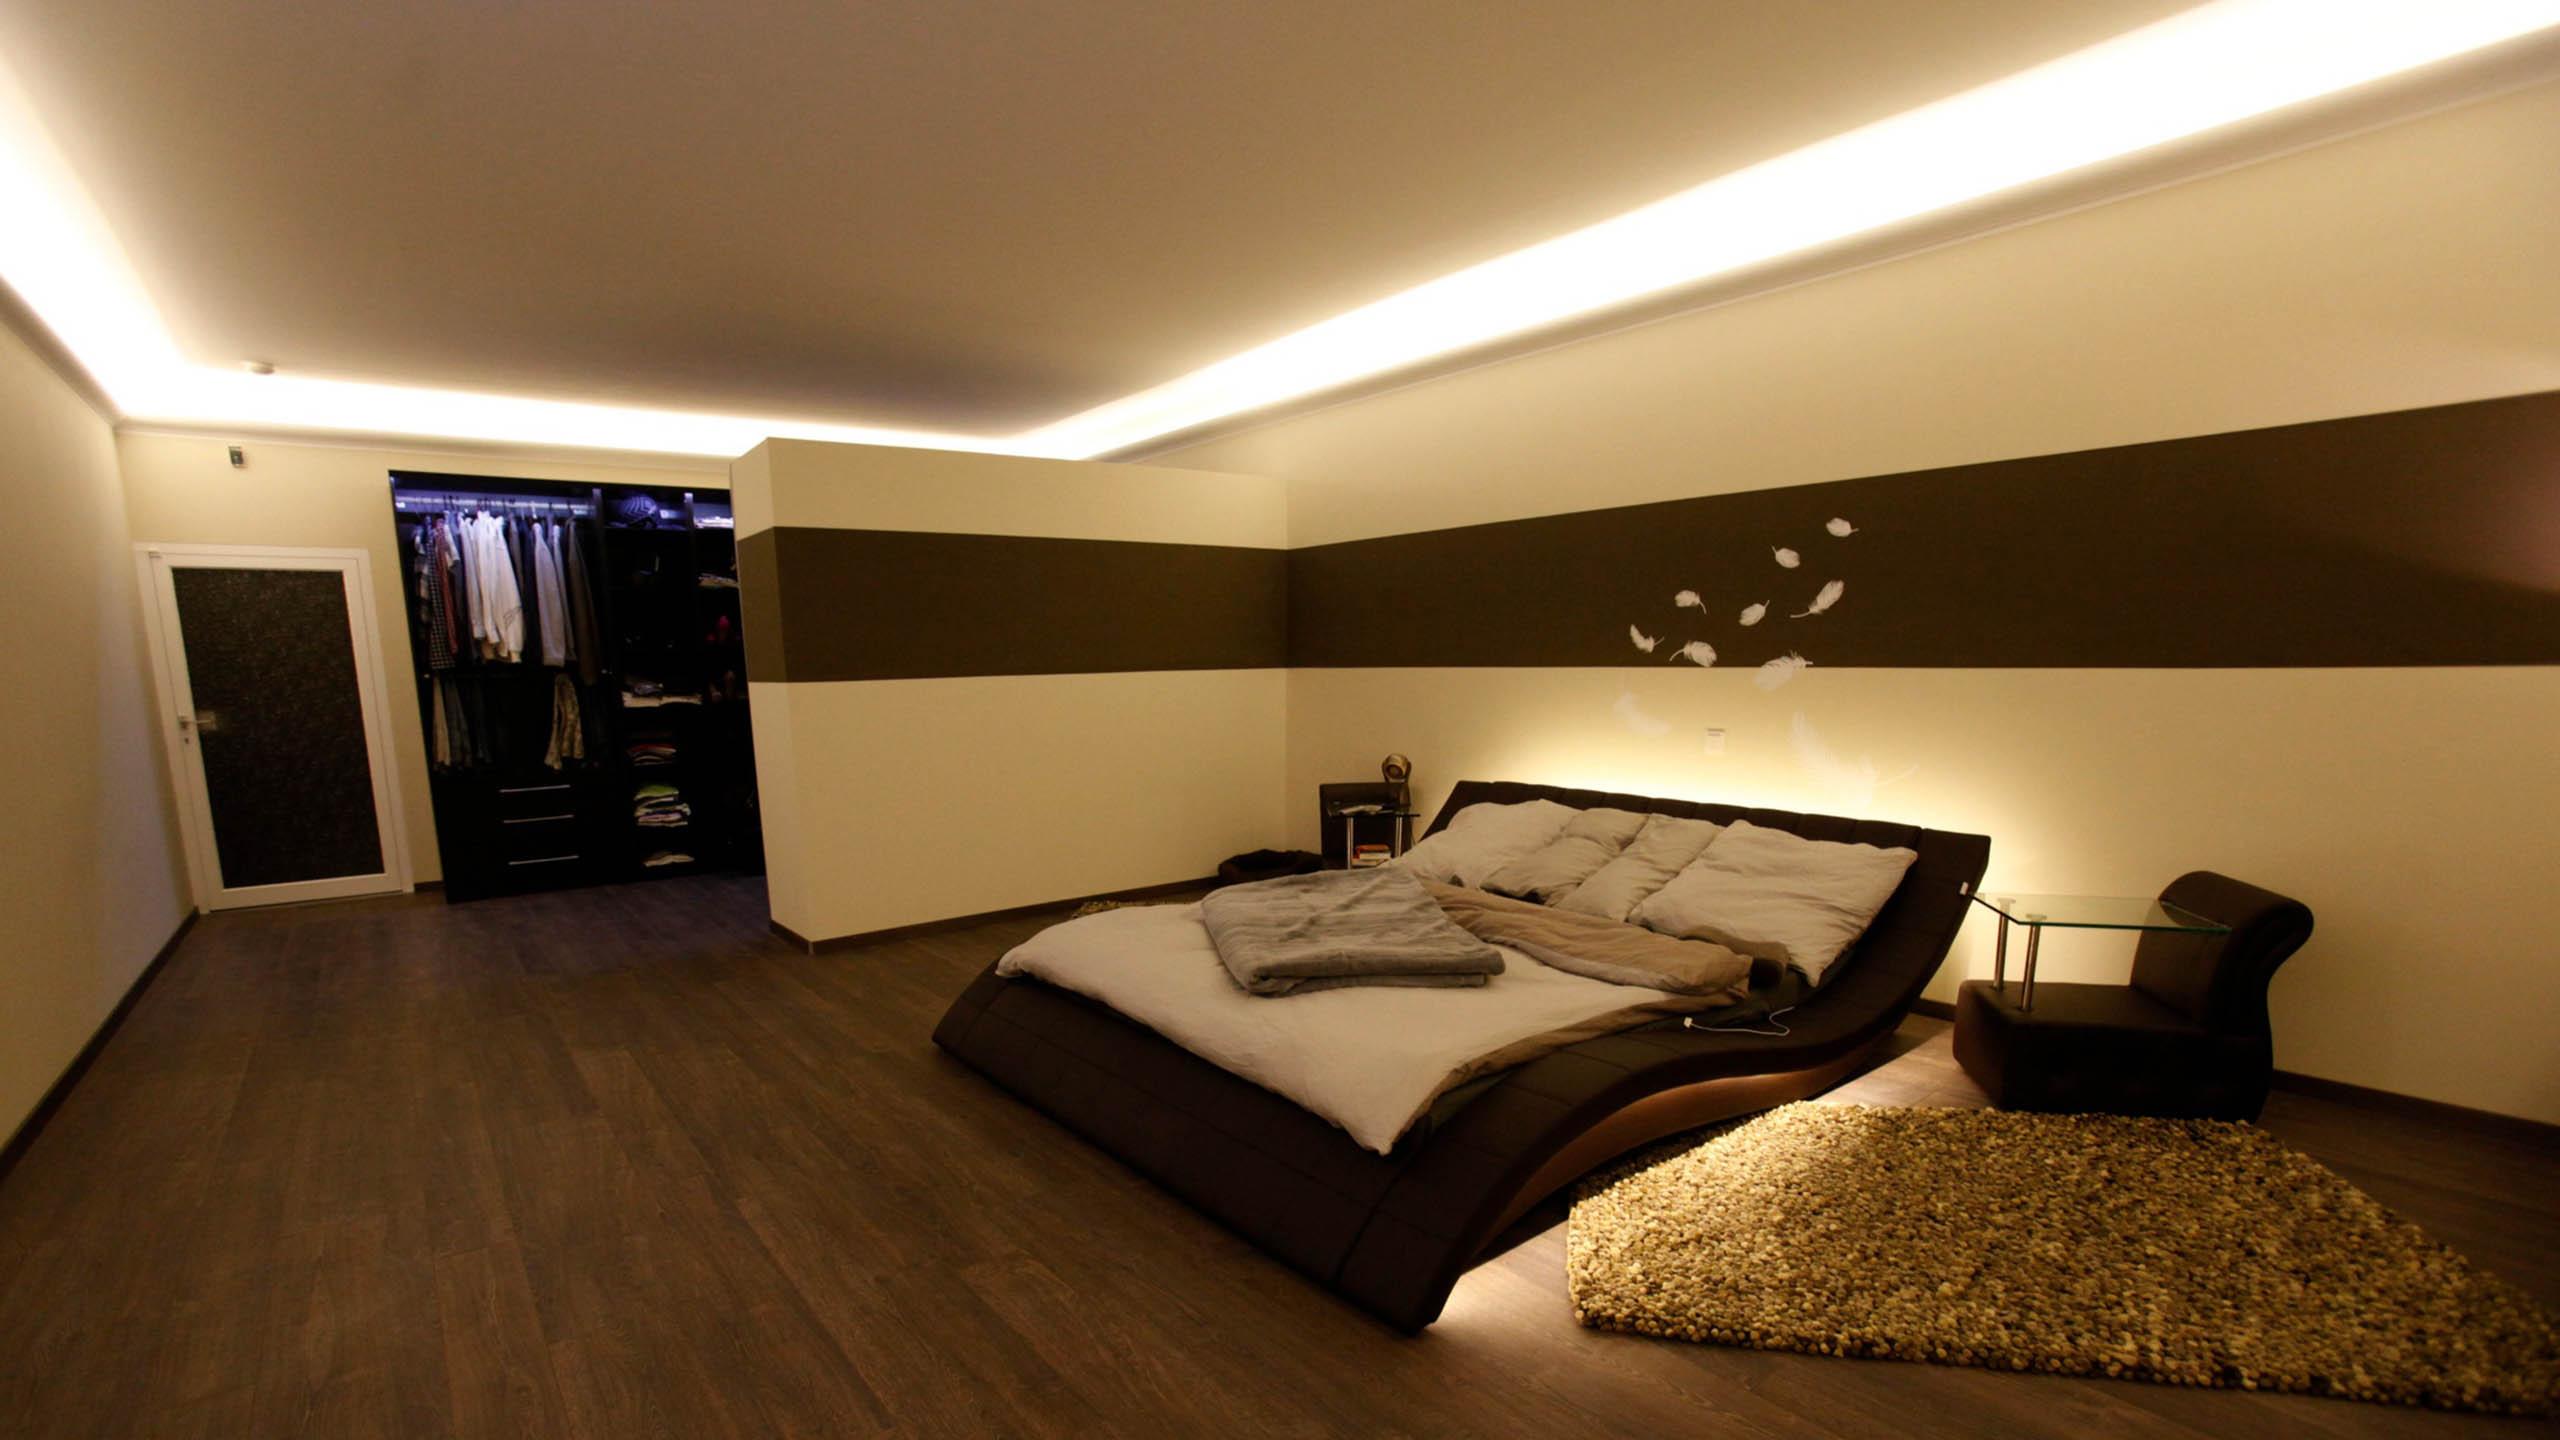 Lichtvoutenprofile für die indirekte Beleuchtung der Decke